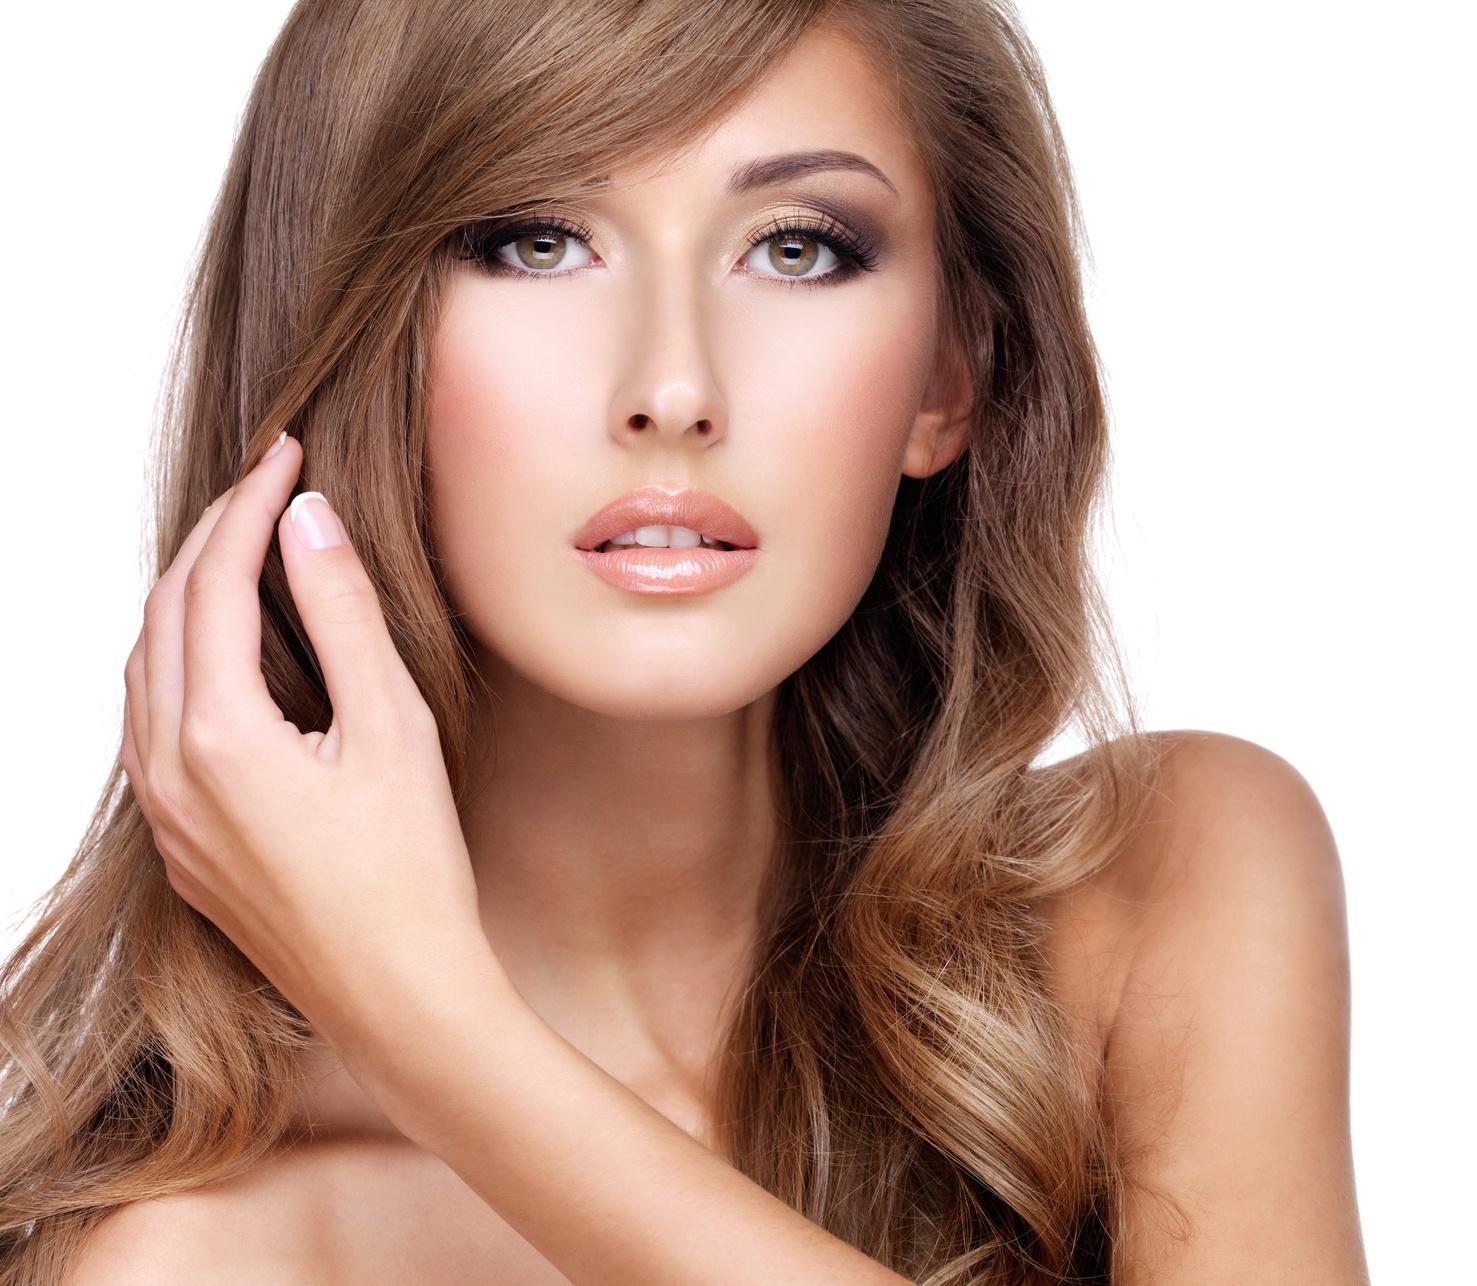 20 Foods For Healthy & Gorgeous Hair  Eblogfacom